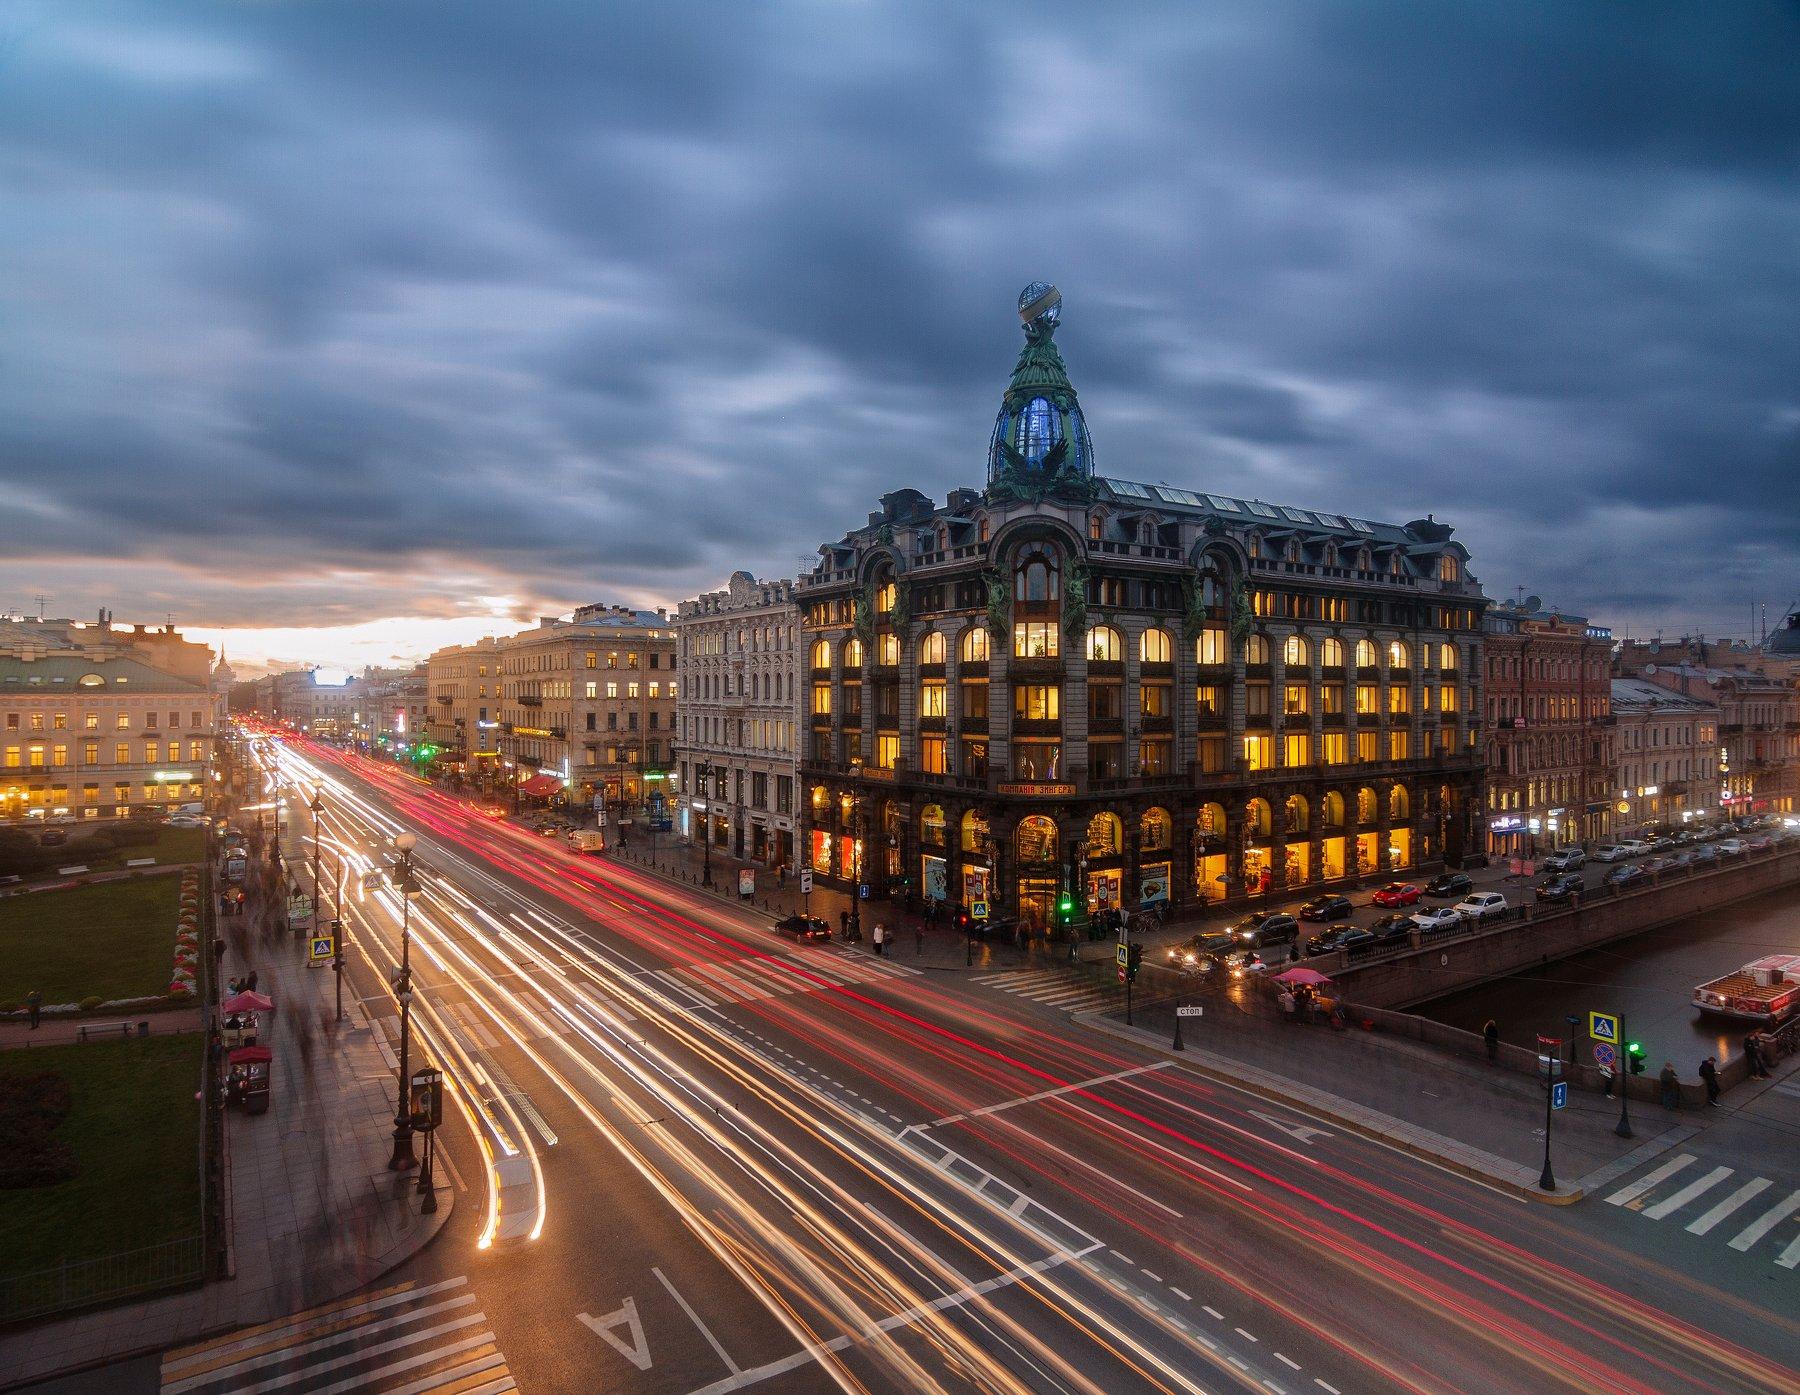 Санкт-Петербург, город, ночь, Urban, Urban Exploration, выдержка, Голубев Алексей